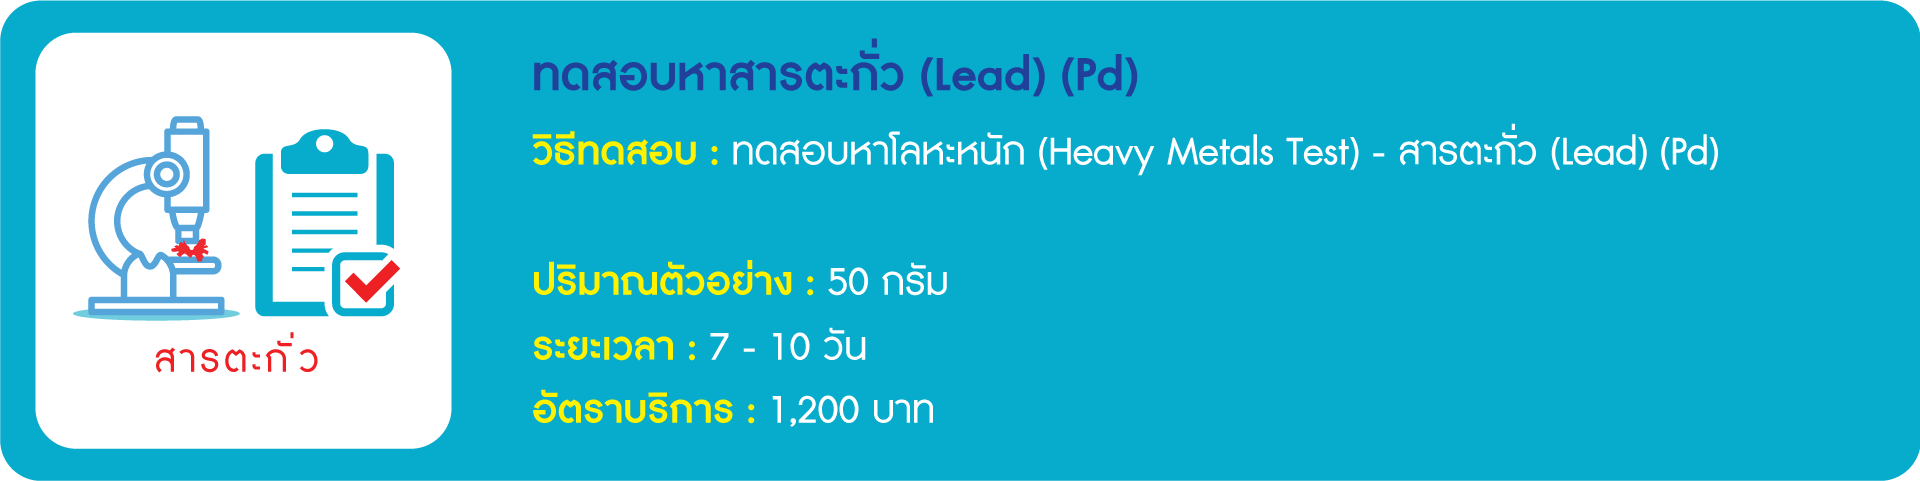 สารตะกั่ว (Lead) (Pd)